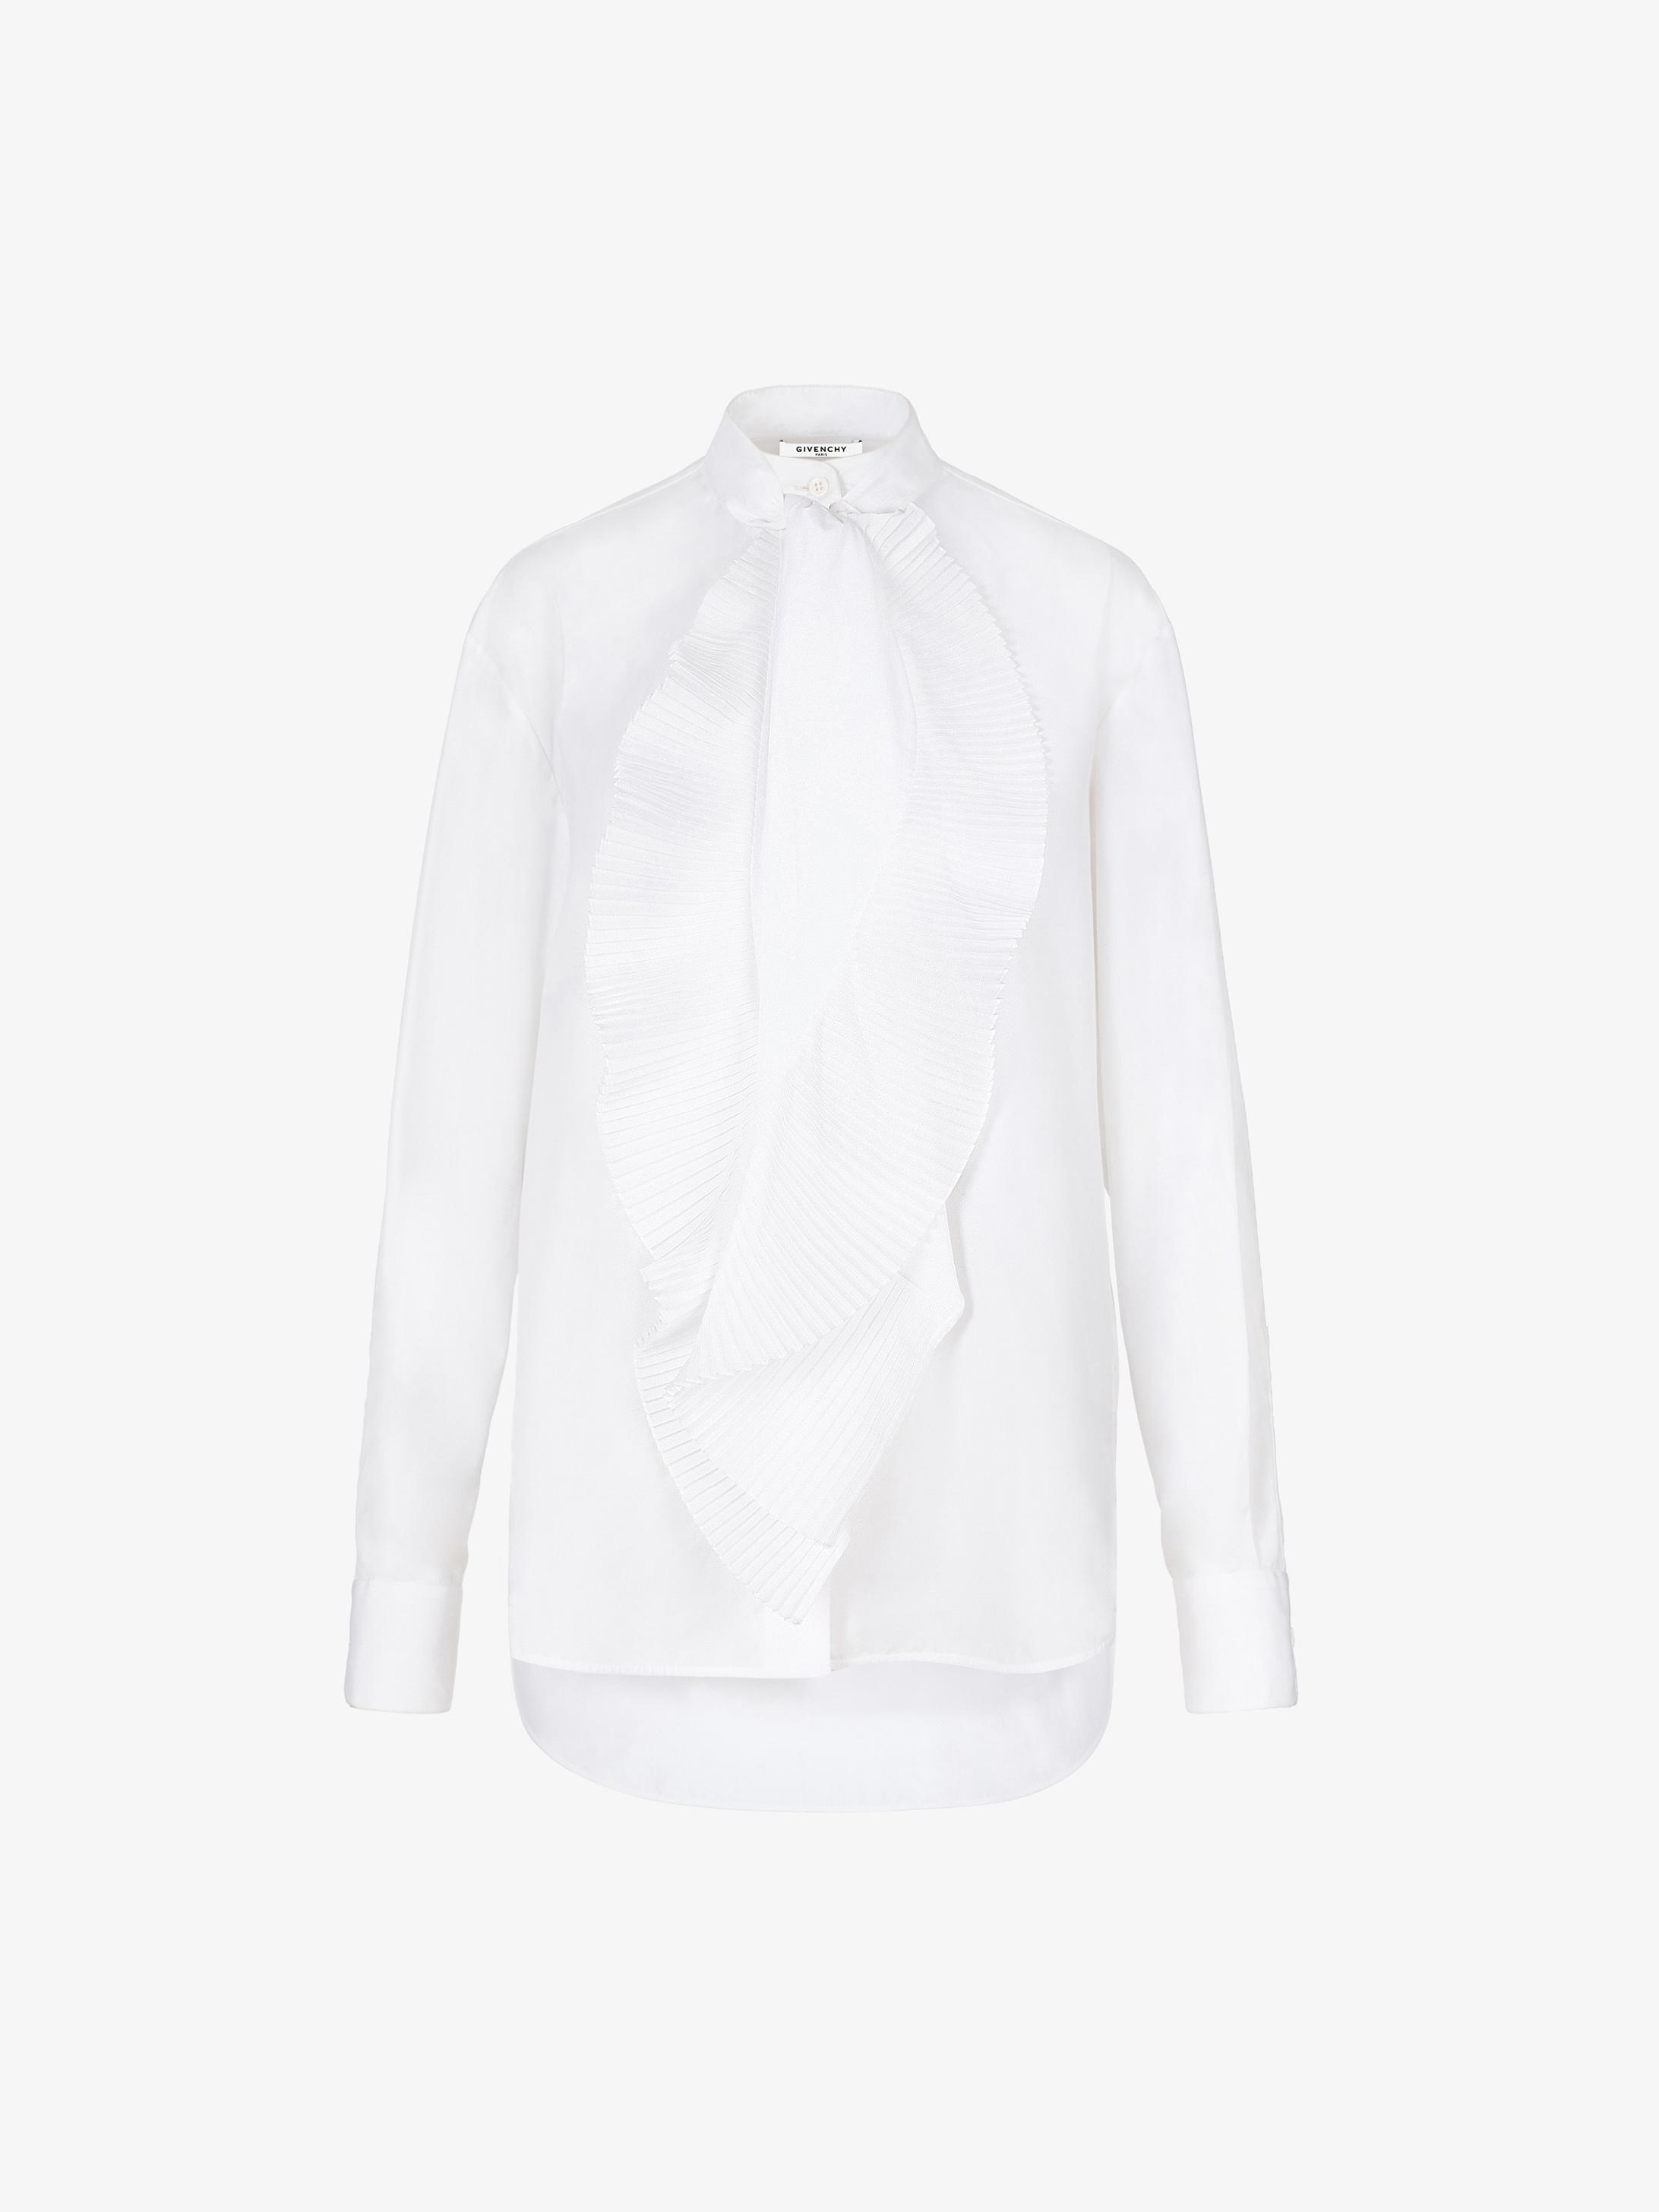 褶裥围巾领府绸衬衫